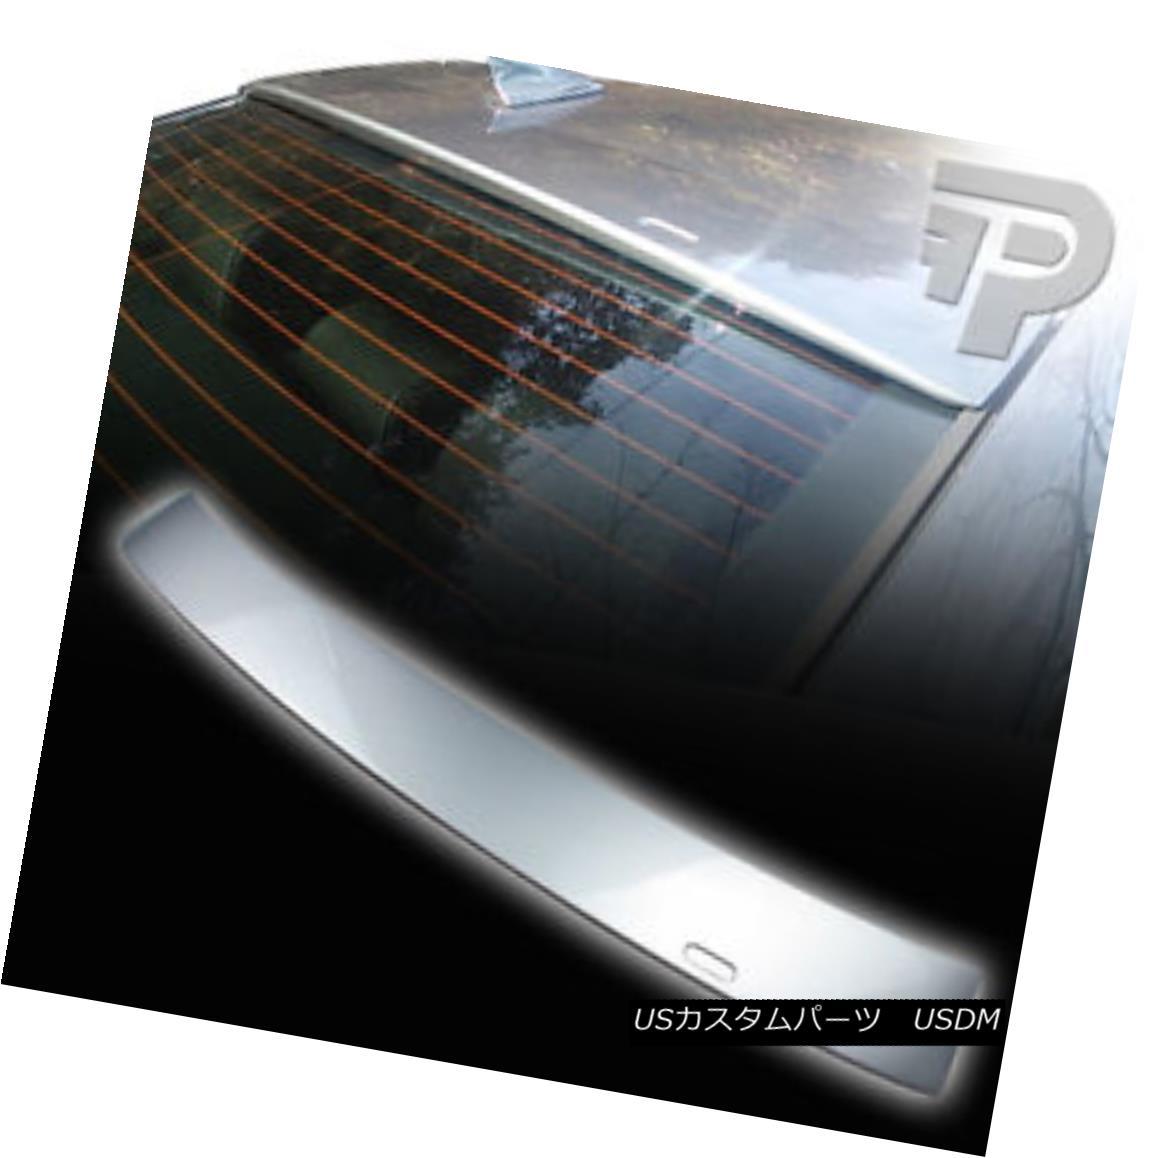 エアロパーツ PAINTED E39 4D SEDAN BMW A TYPE REAR WINDOW ROOF SPOILER 354 SILVER ▼ 塗装E39 4D SEDAN BMW Aタイプリアウィンドウルーフスポイラー354シルバー?